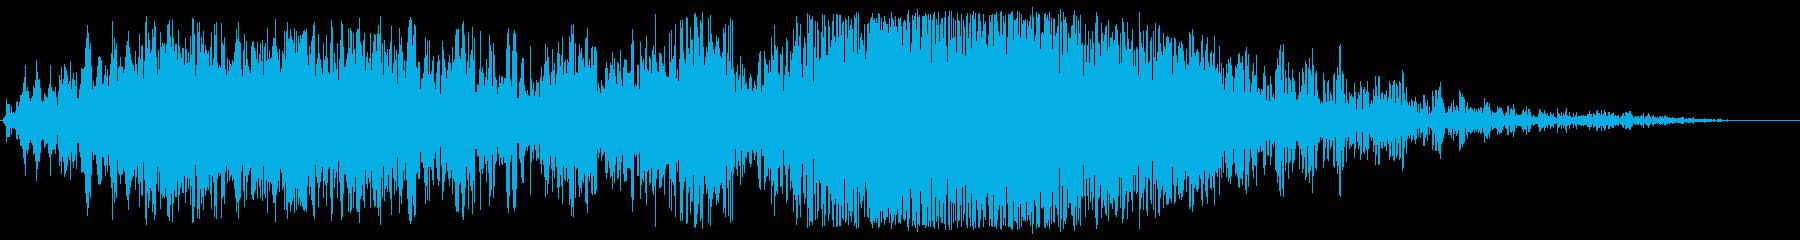 ザップスライド変換の再生済みの波形